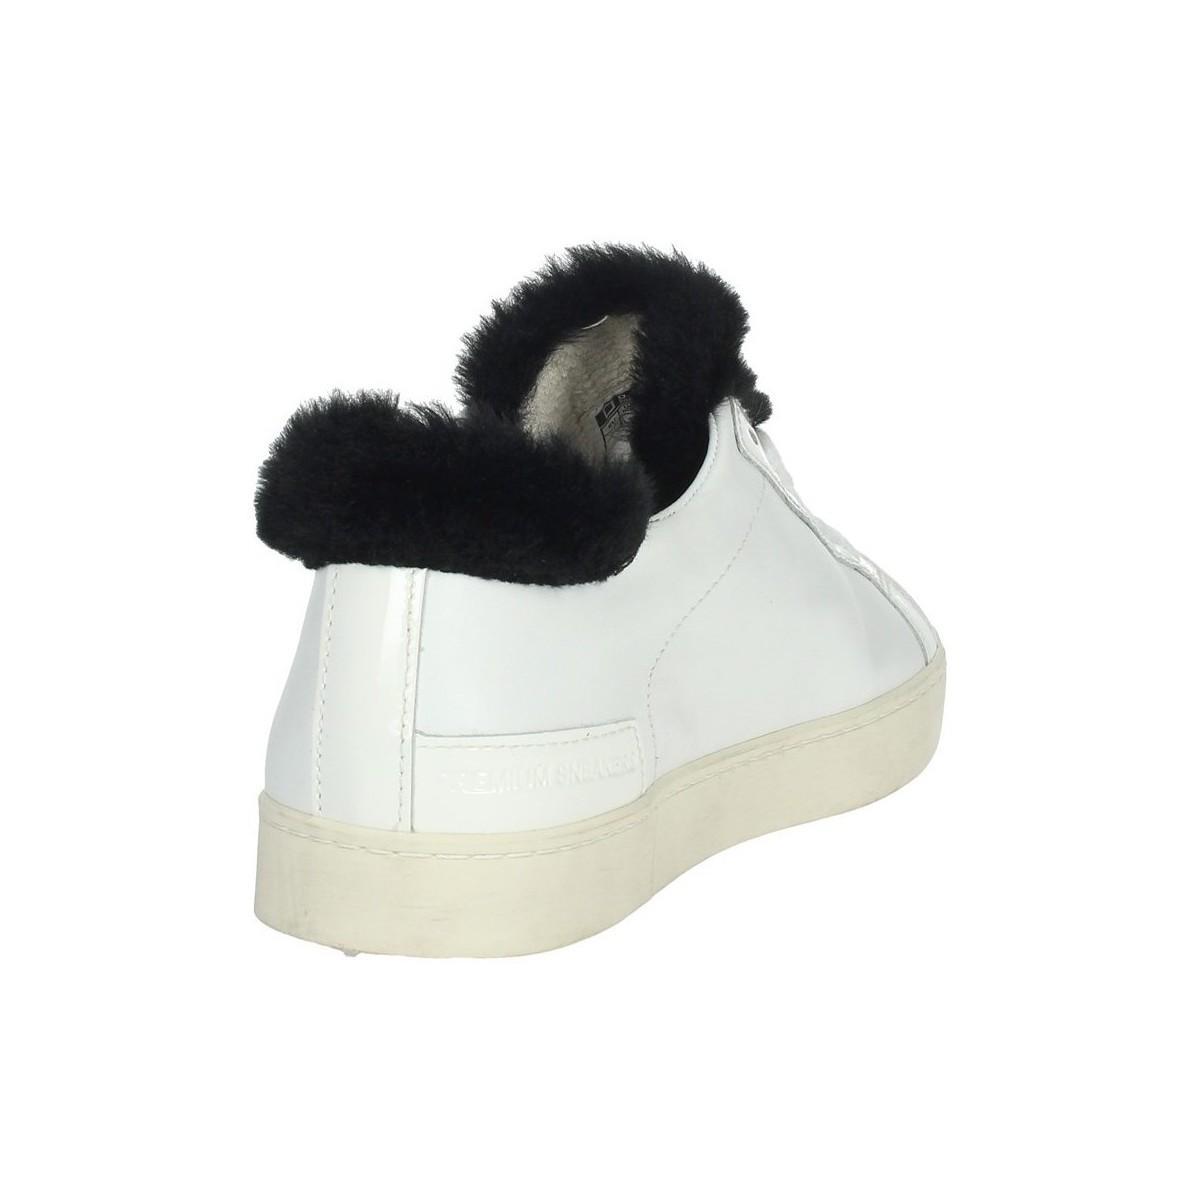 I19-11 Chaussures Date en coloris Blanc